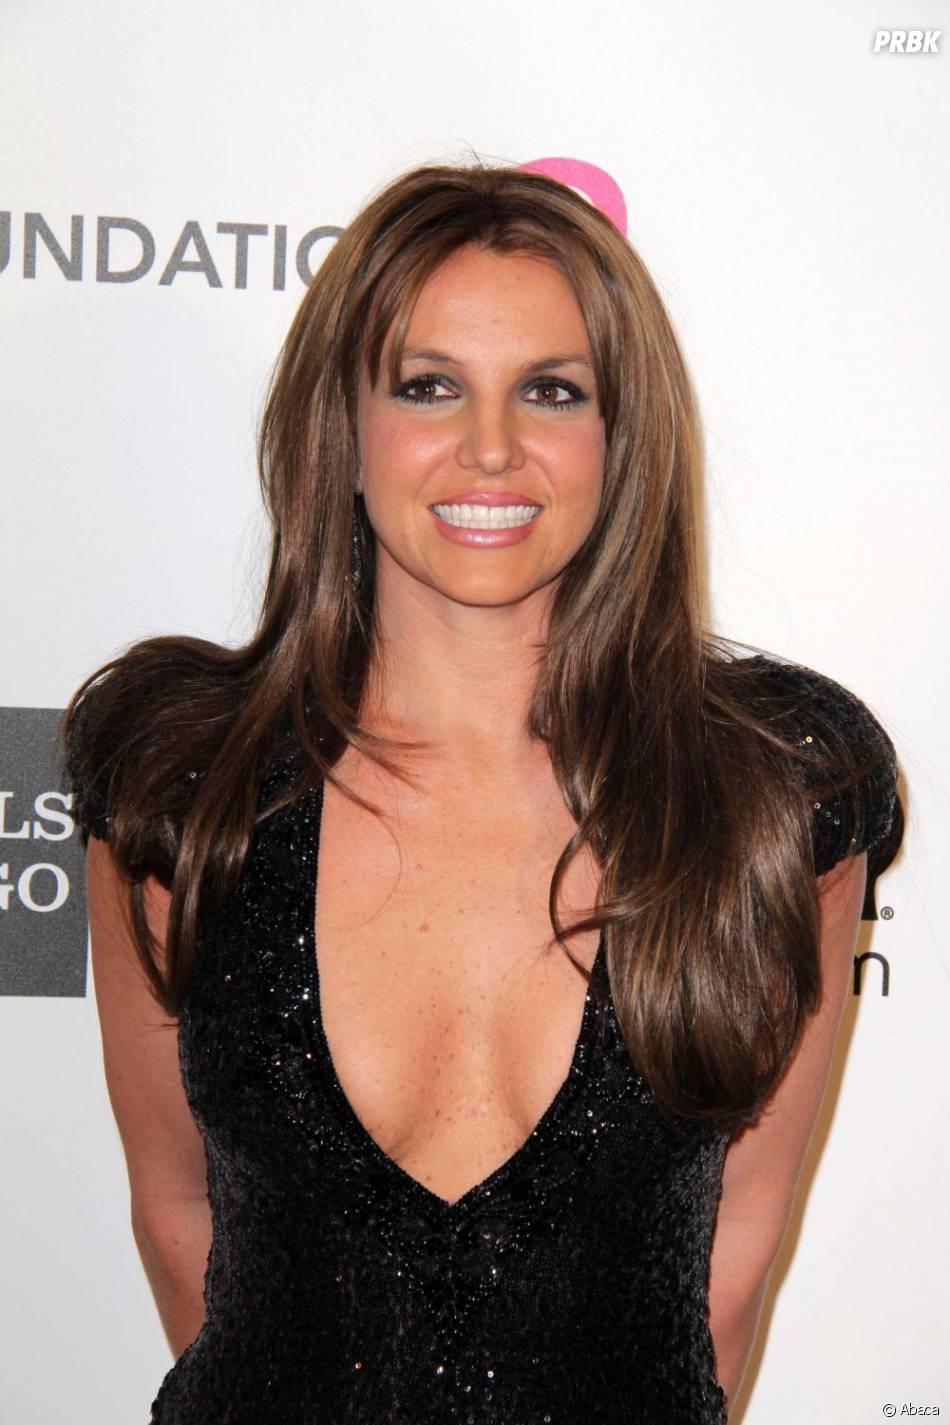 Britney Spears était l'amoureuse de Ryan Gosling à l'époque du Mickey Mouse Club